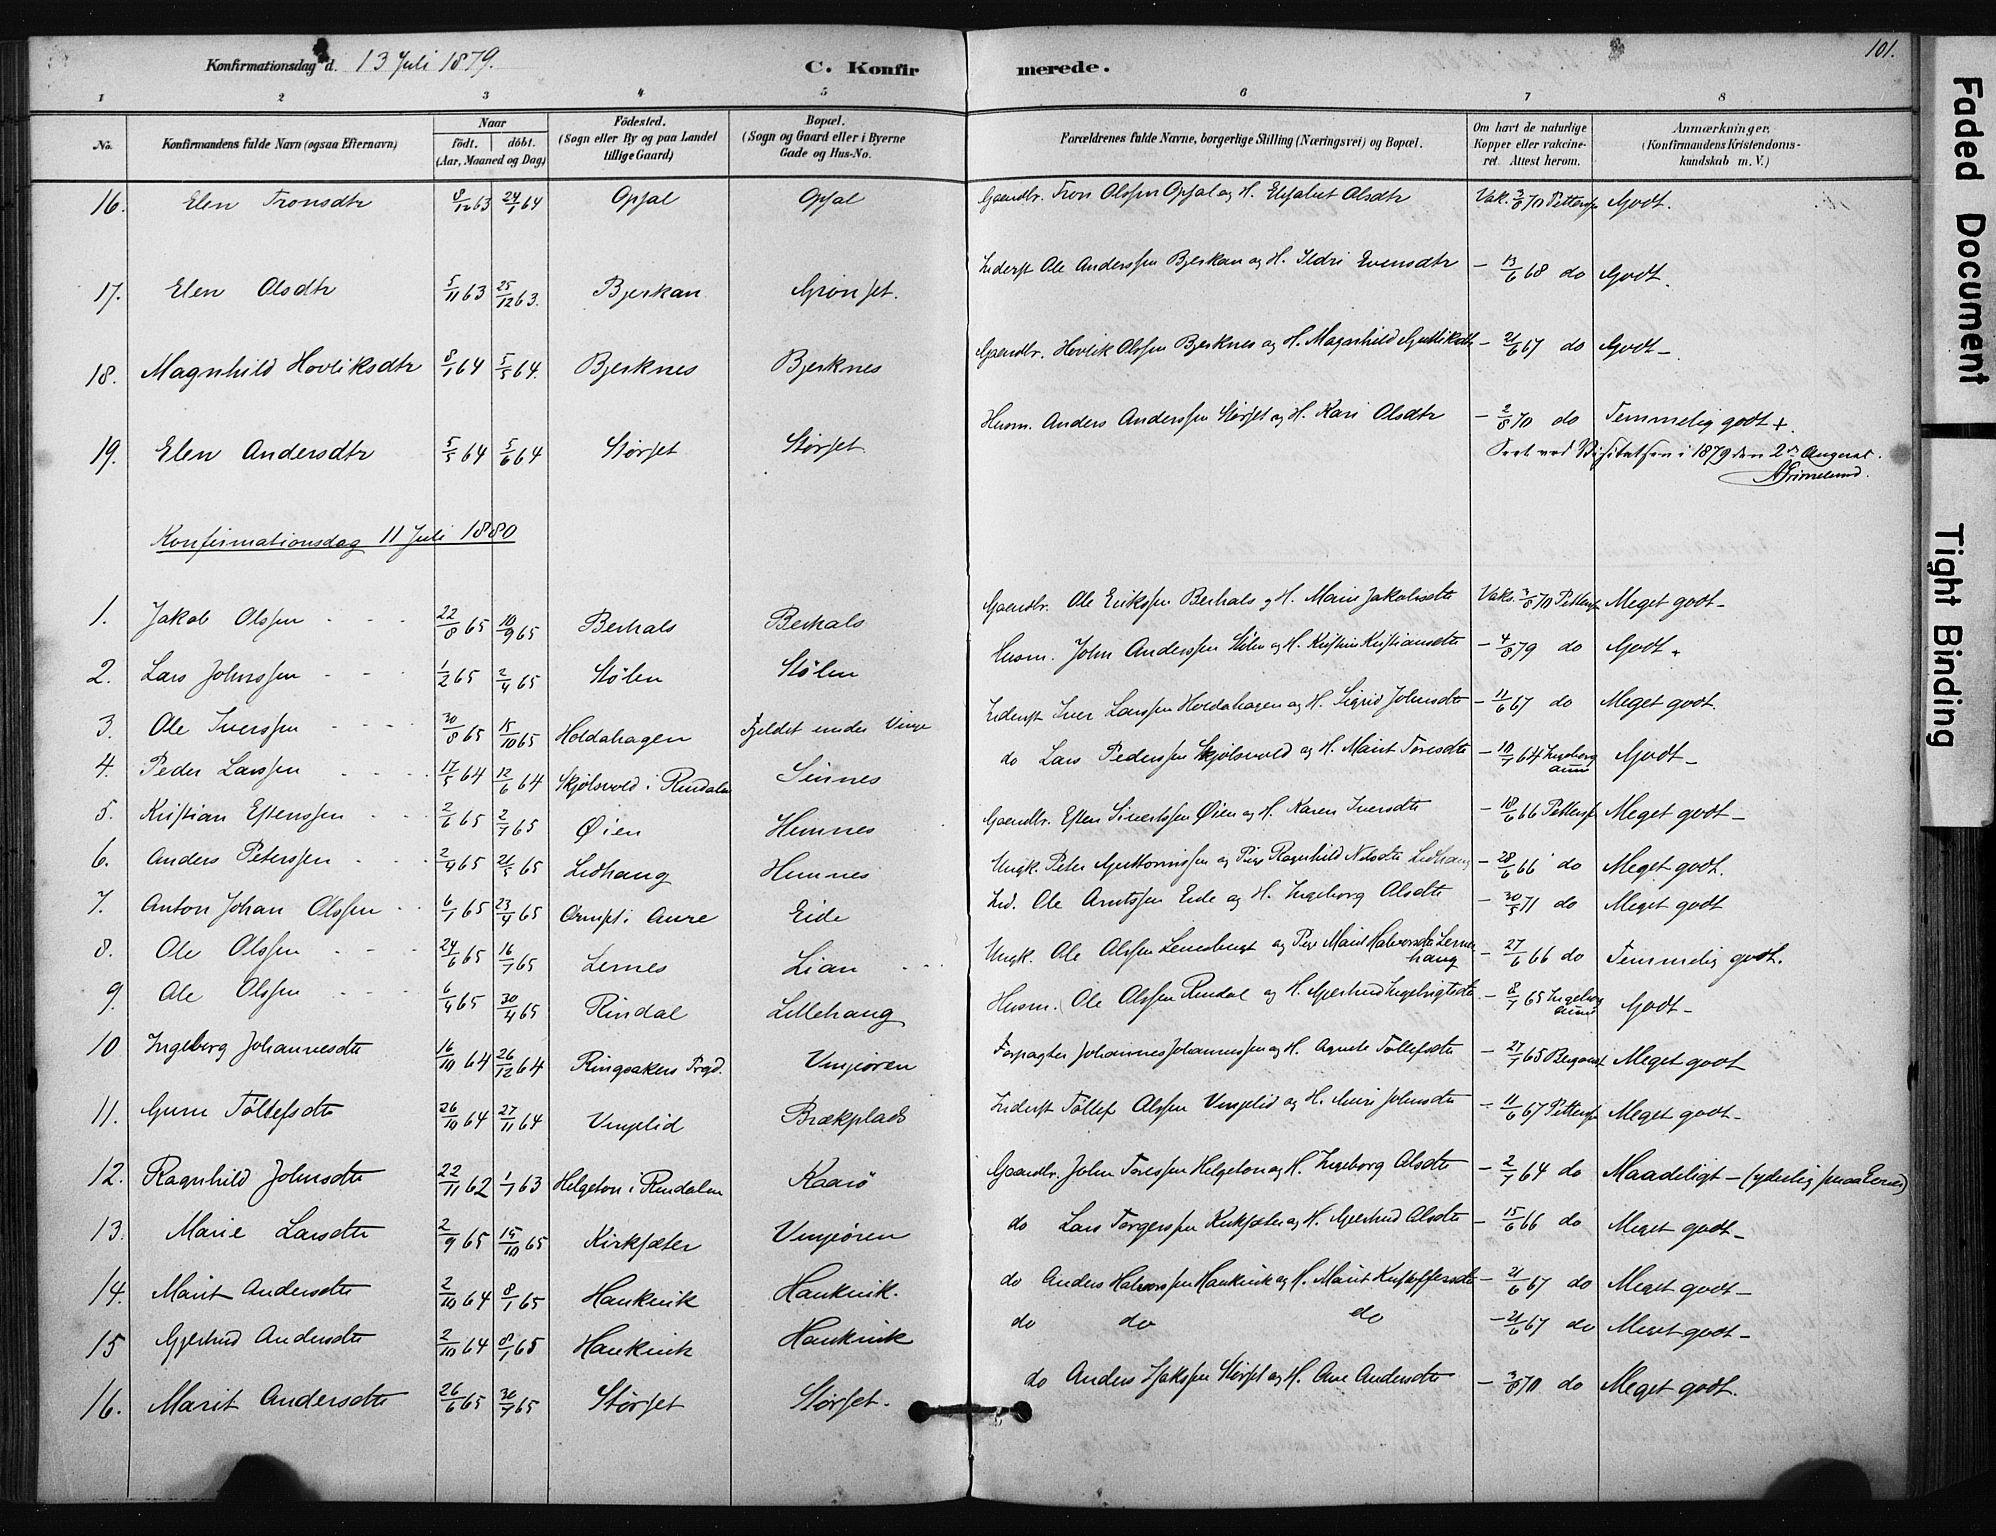 SAT, Ministerialprotokoller, klokkerbøker og fødselsregistre - Sør-Trøndelag, 631/L0512: Ministerialbok nr. 631A01, 1879-1912, s. 101